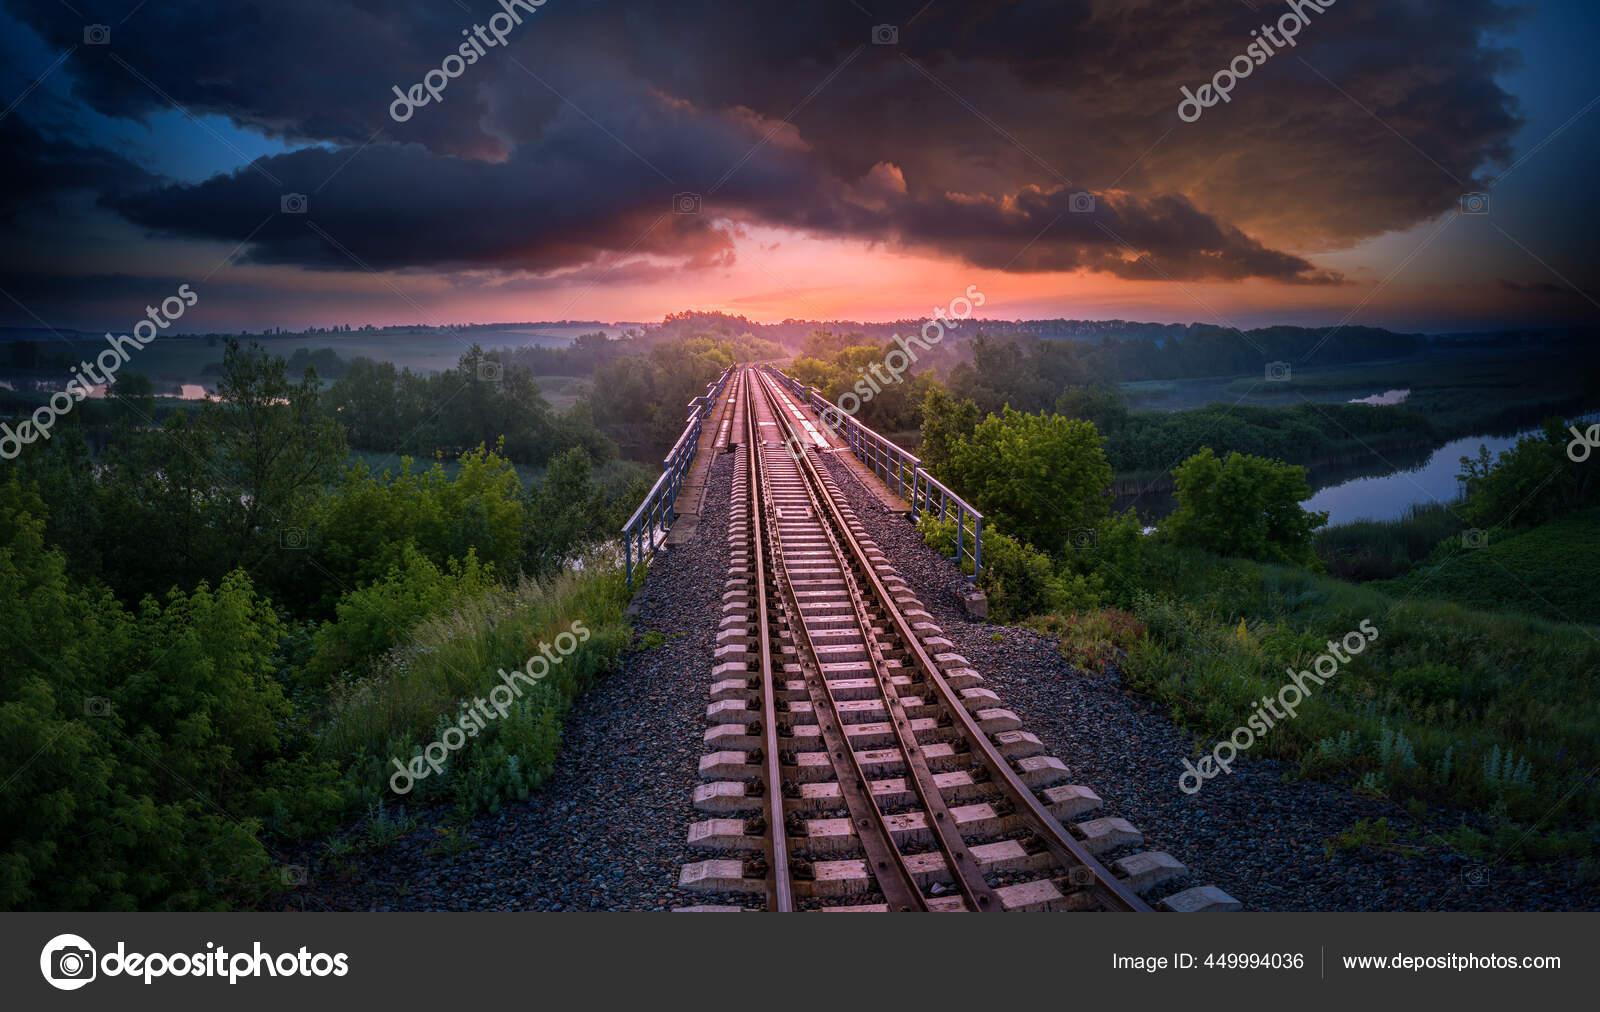 Kereta Api Dan Jembatan Atas Sungai Latar Belakang Matahari Terbenam — Stok  Foto © Maykal #449994036